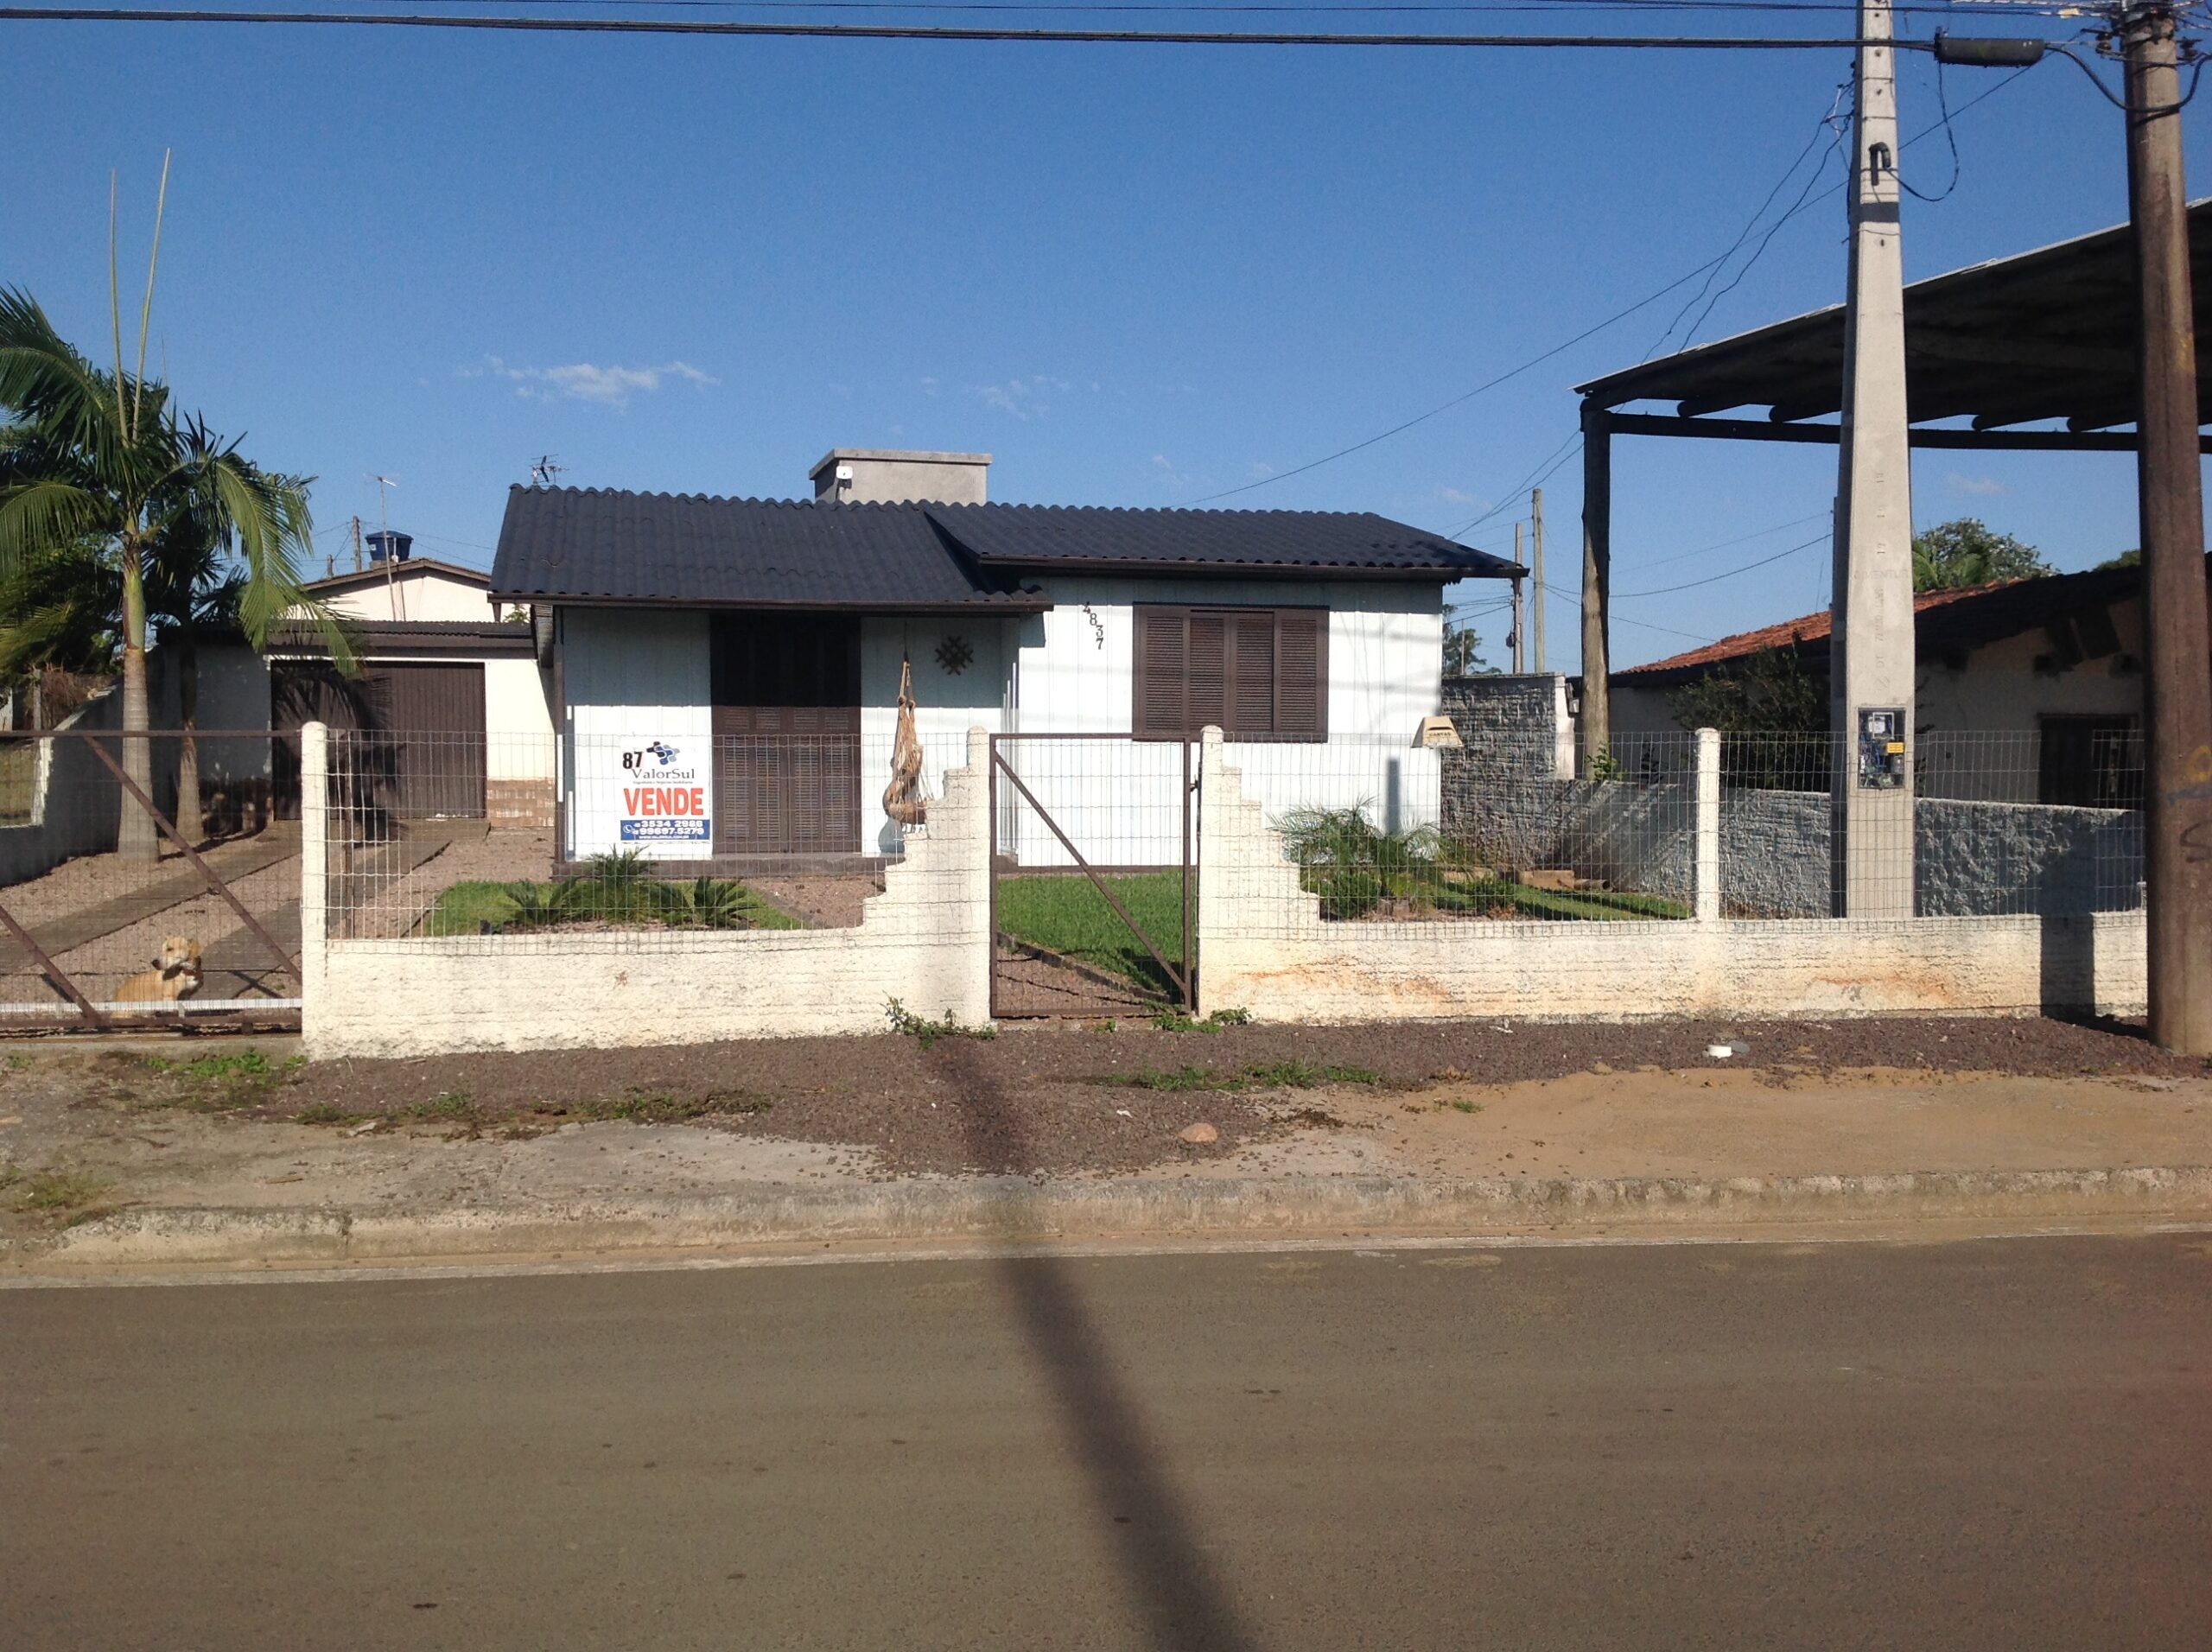 Imóvel ( 087 )01 casa 9×9 2 dormitórios,sala cozinha, banheiro,área serviço,acompanha móveis sob medida da cozinha,garagem churrasqueira,lote 14×30 margens BR101